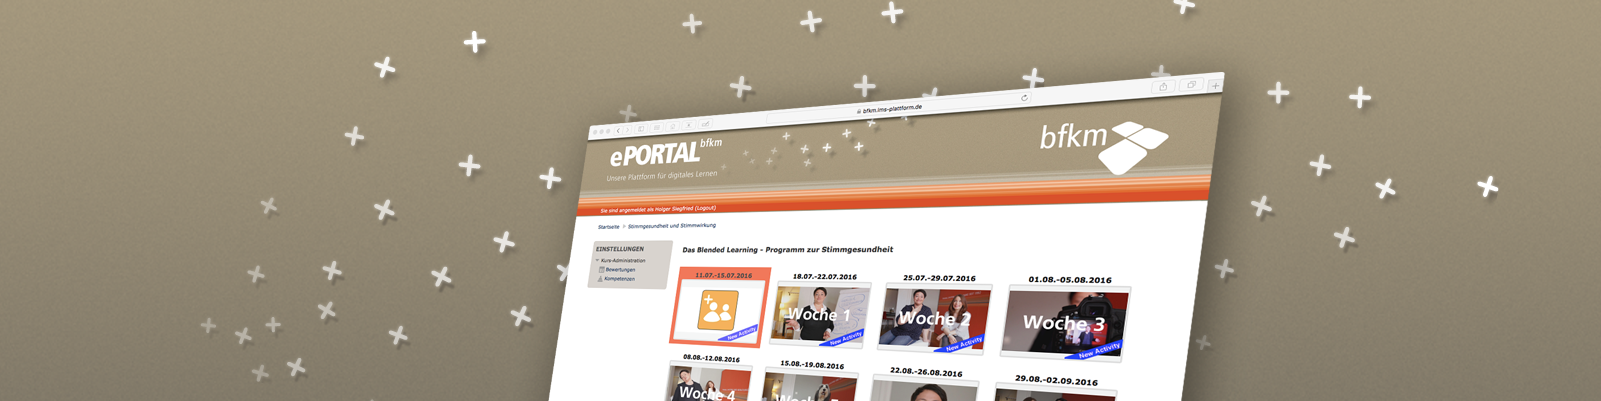 eLearning mit eigenem ePortal